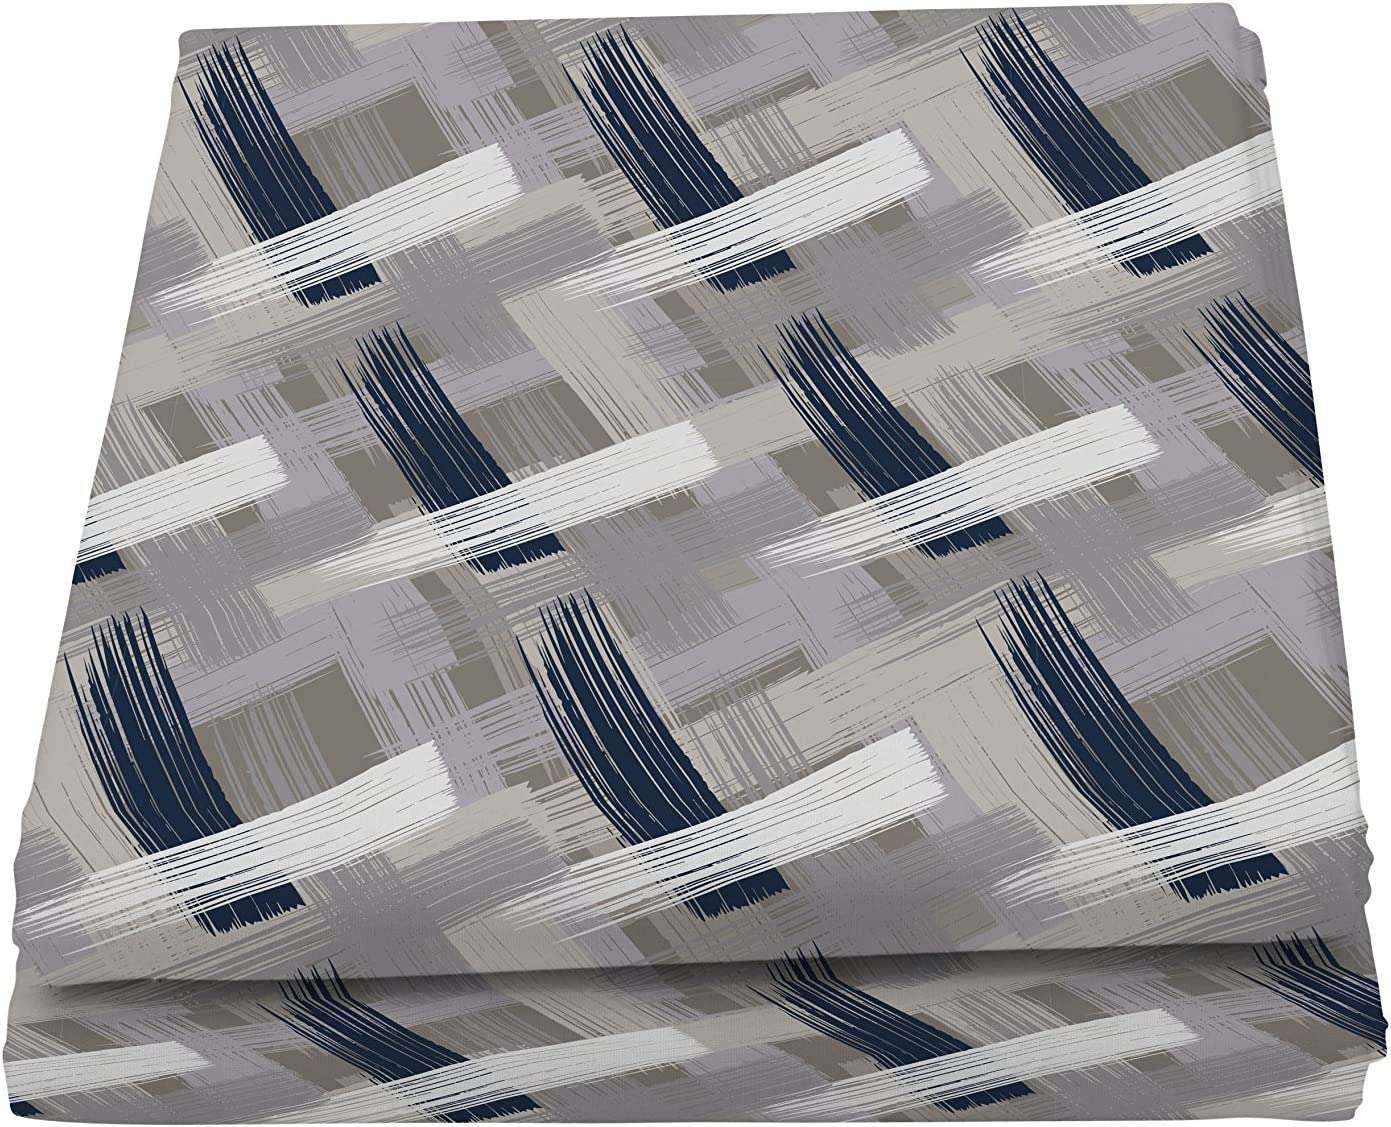 Italian Bed Linen Fantasy Flor Telo Copritutto Stampato 1 Posto Multicolore Microfibra 170 x 260 cm